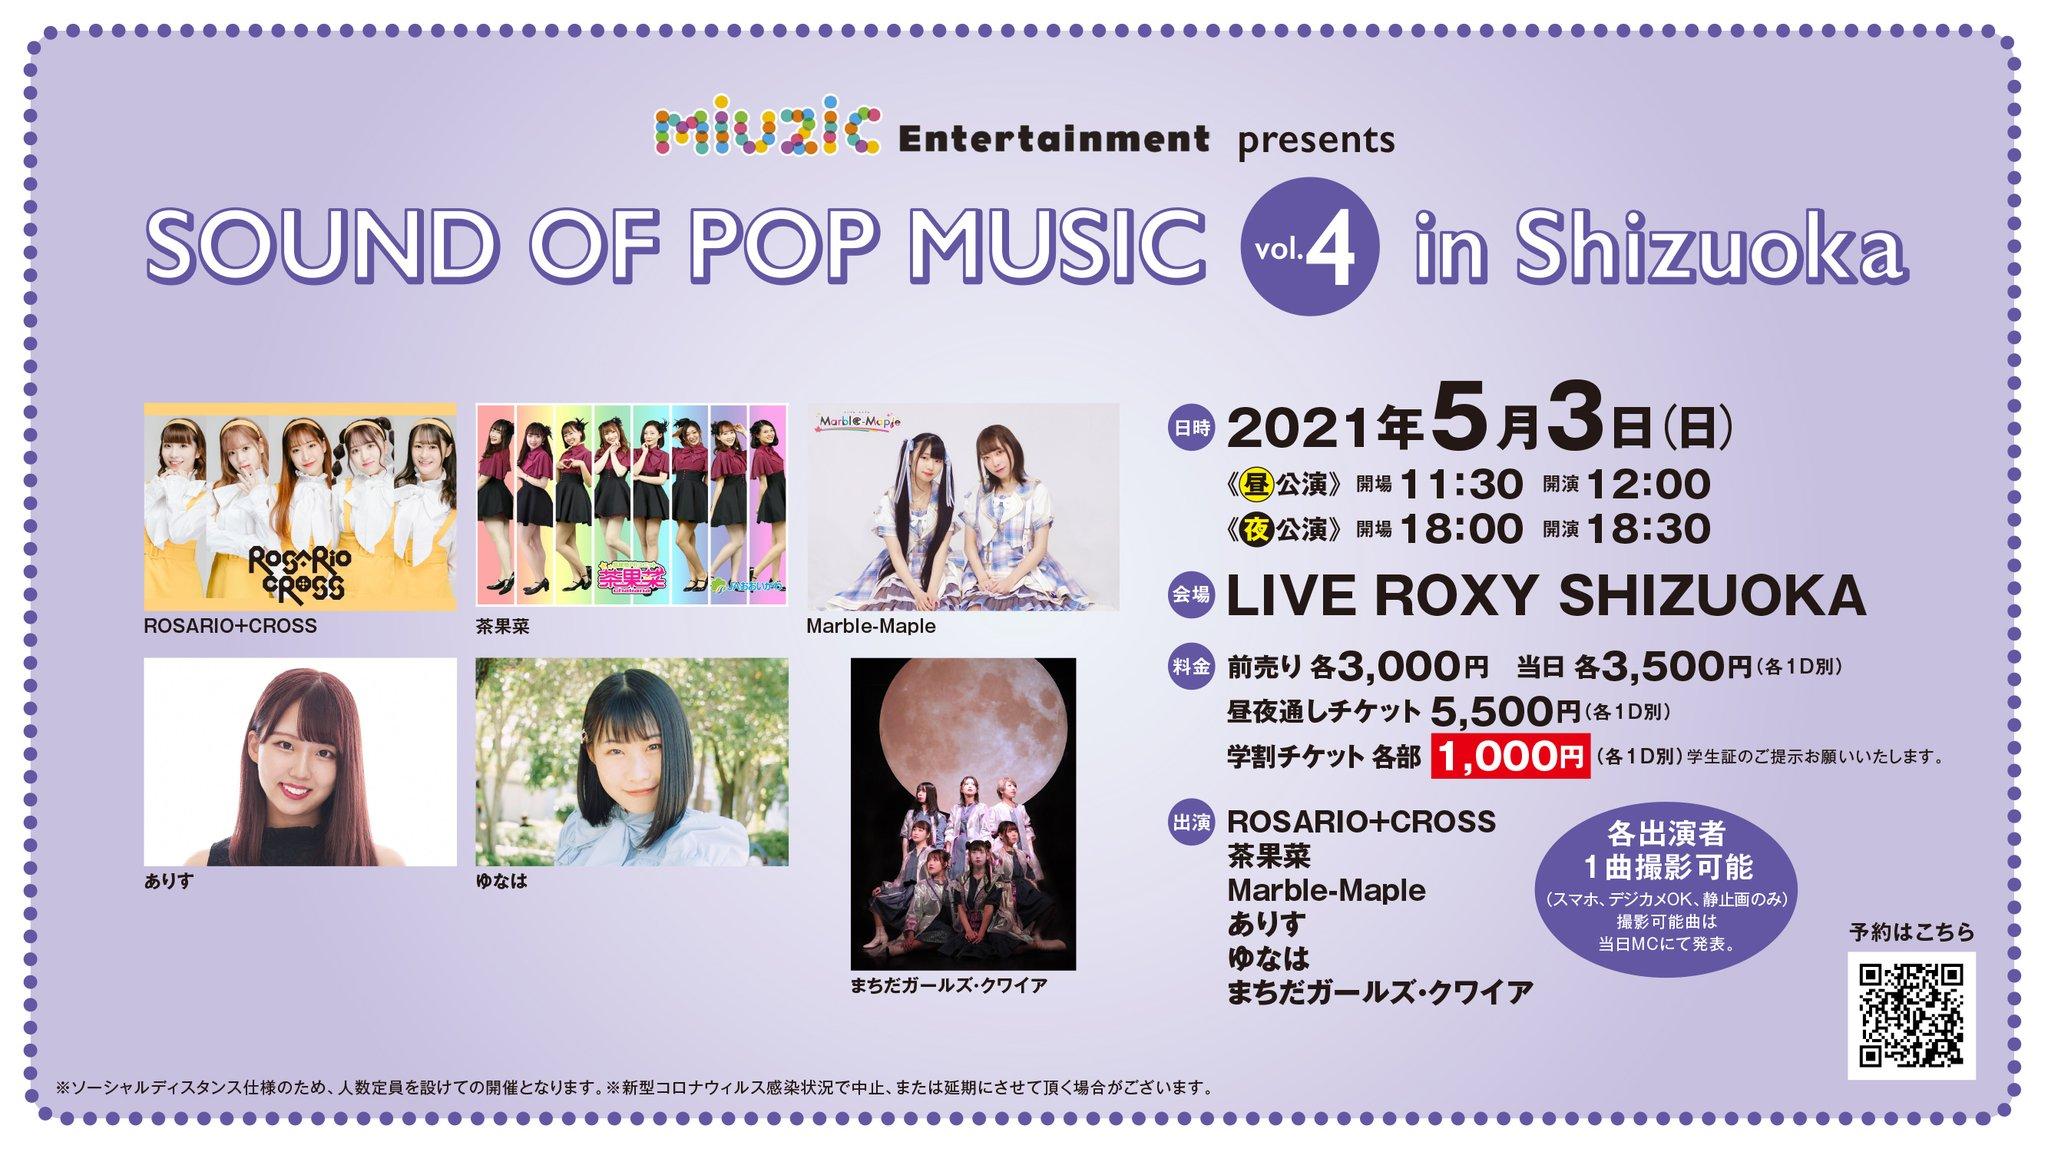 5/3(月祝) miuzic presents 「SOUND OF POP MUSIC vol.4 in Shizuoka」